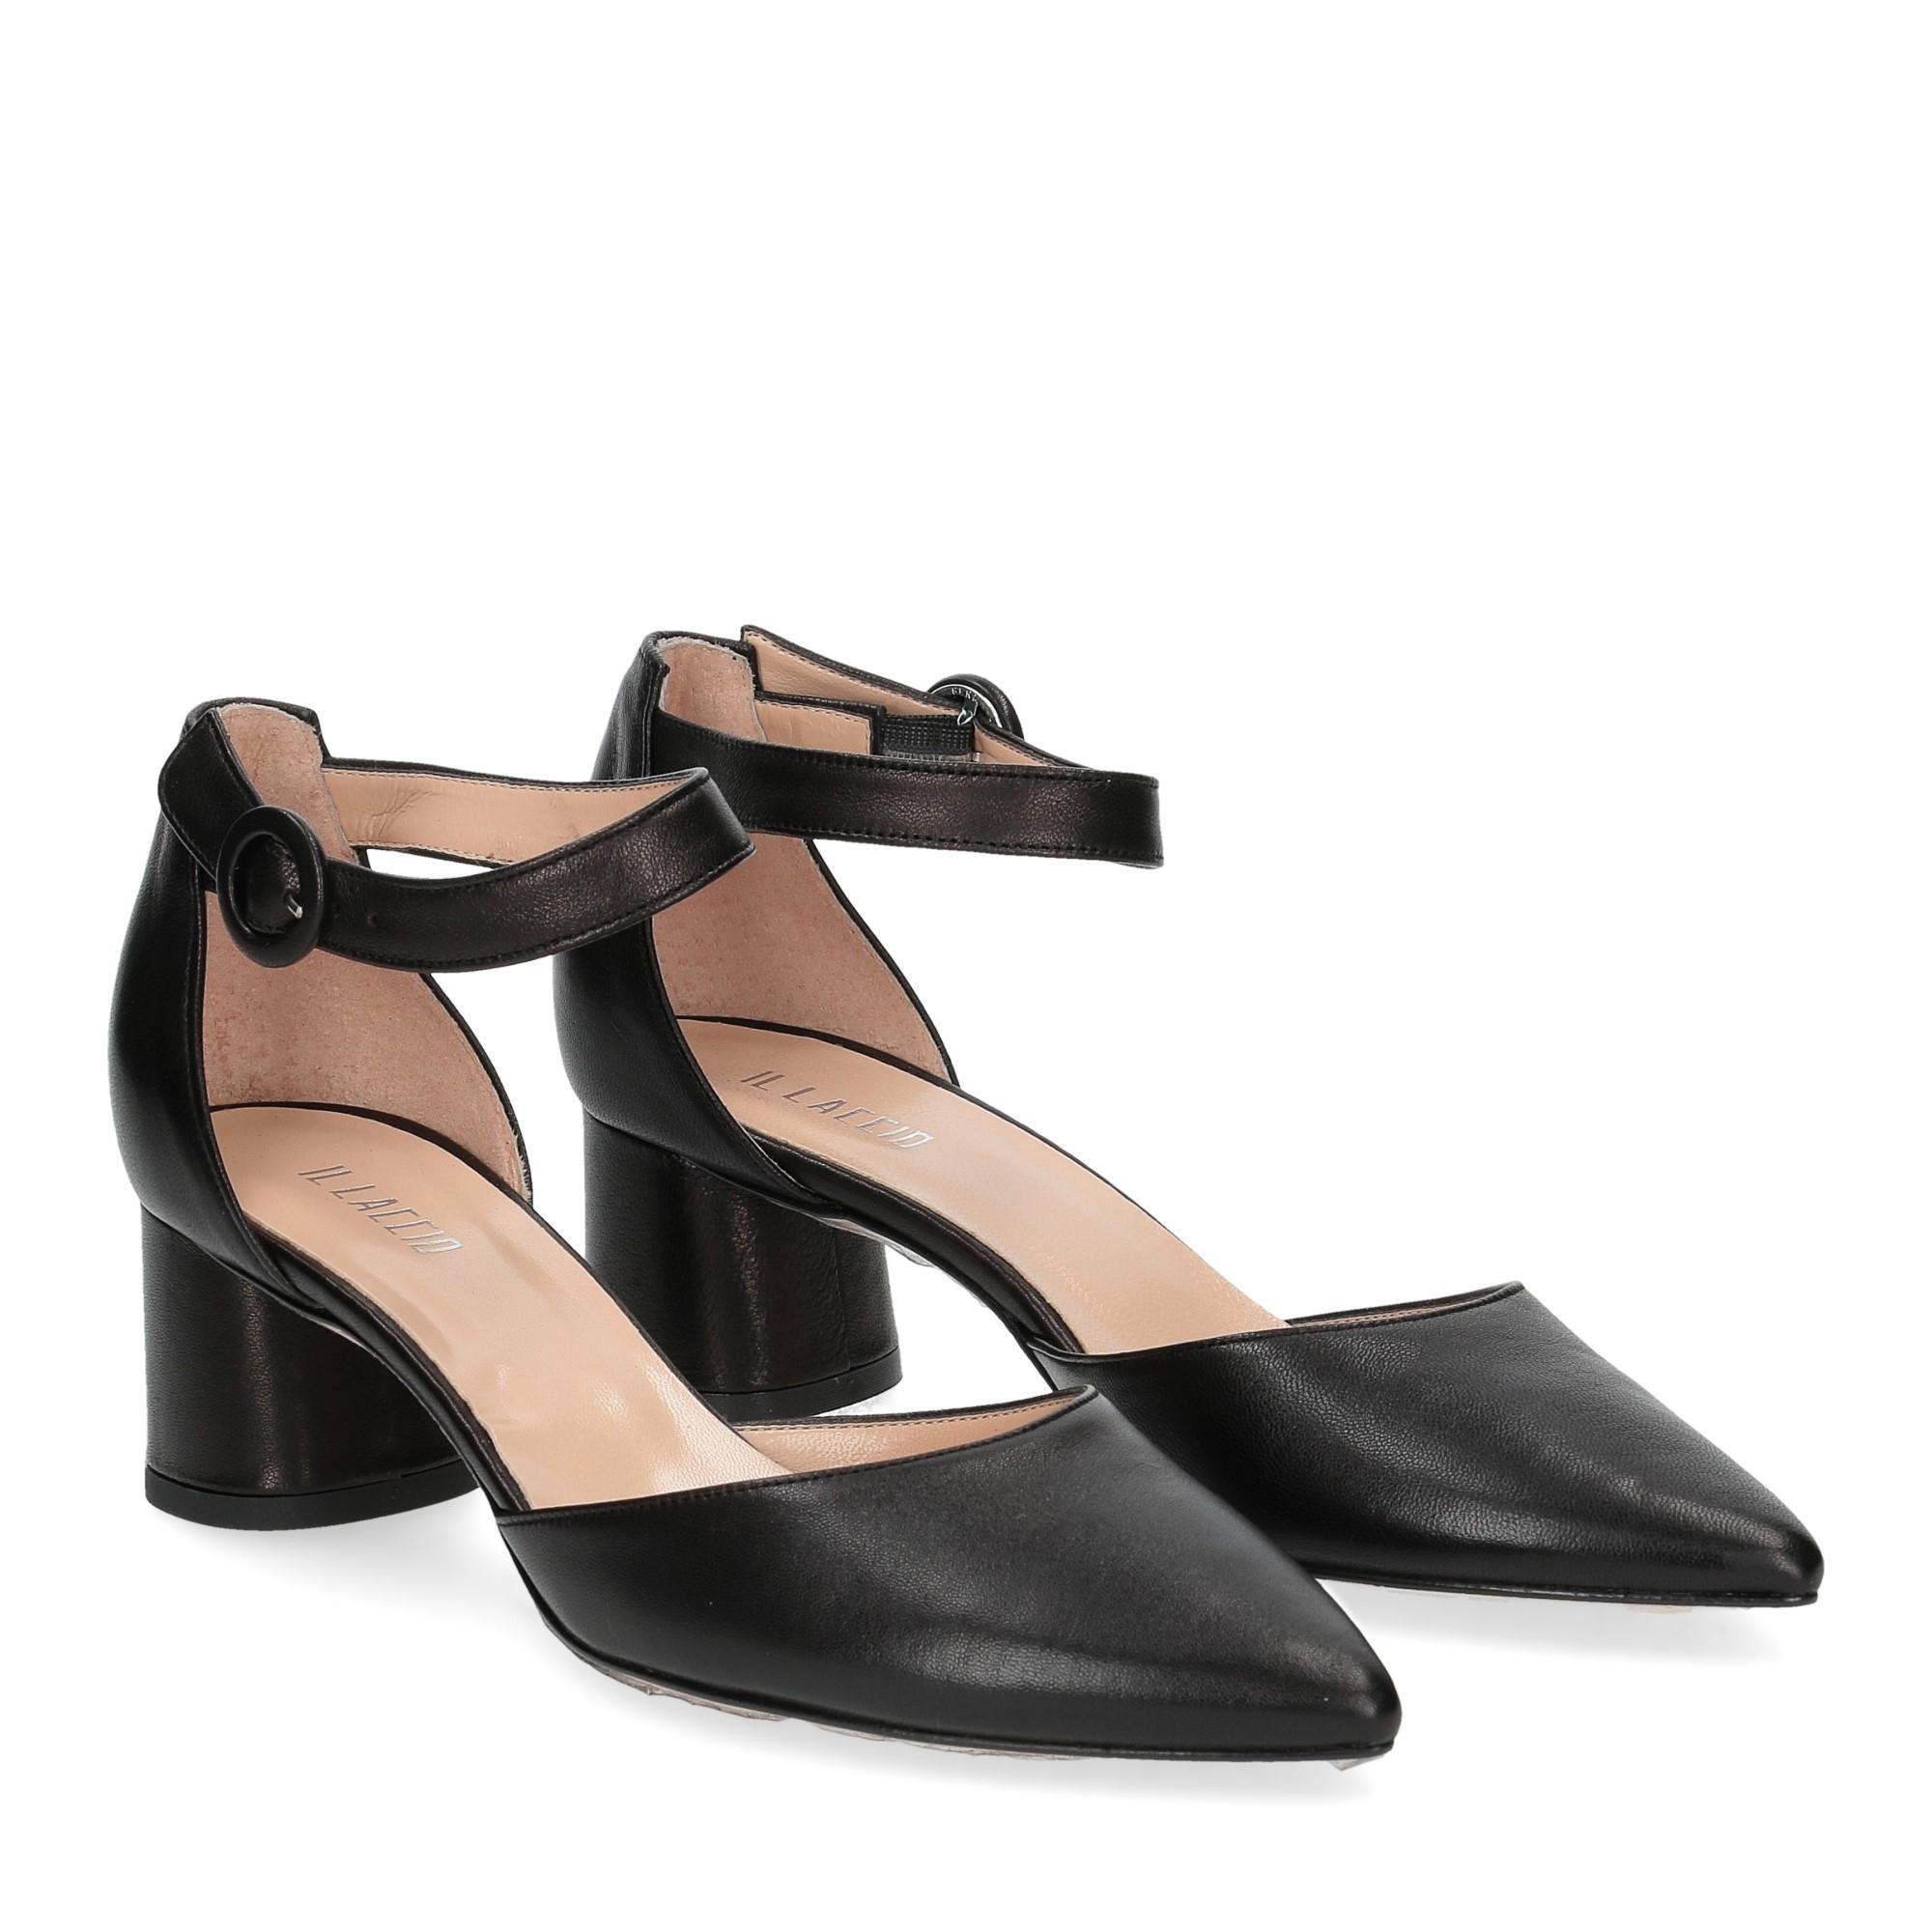 Il Laccio sandaliera pelle nera